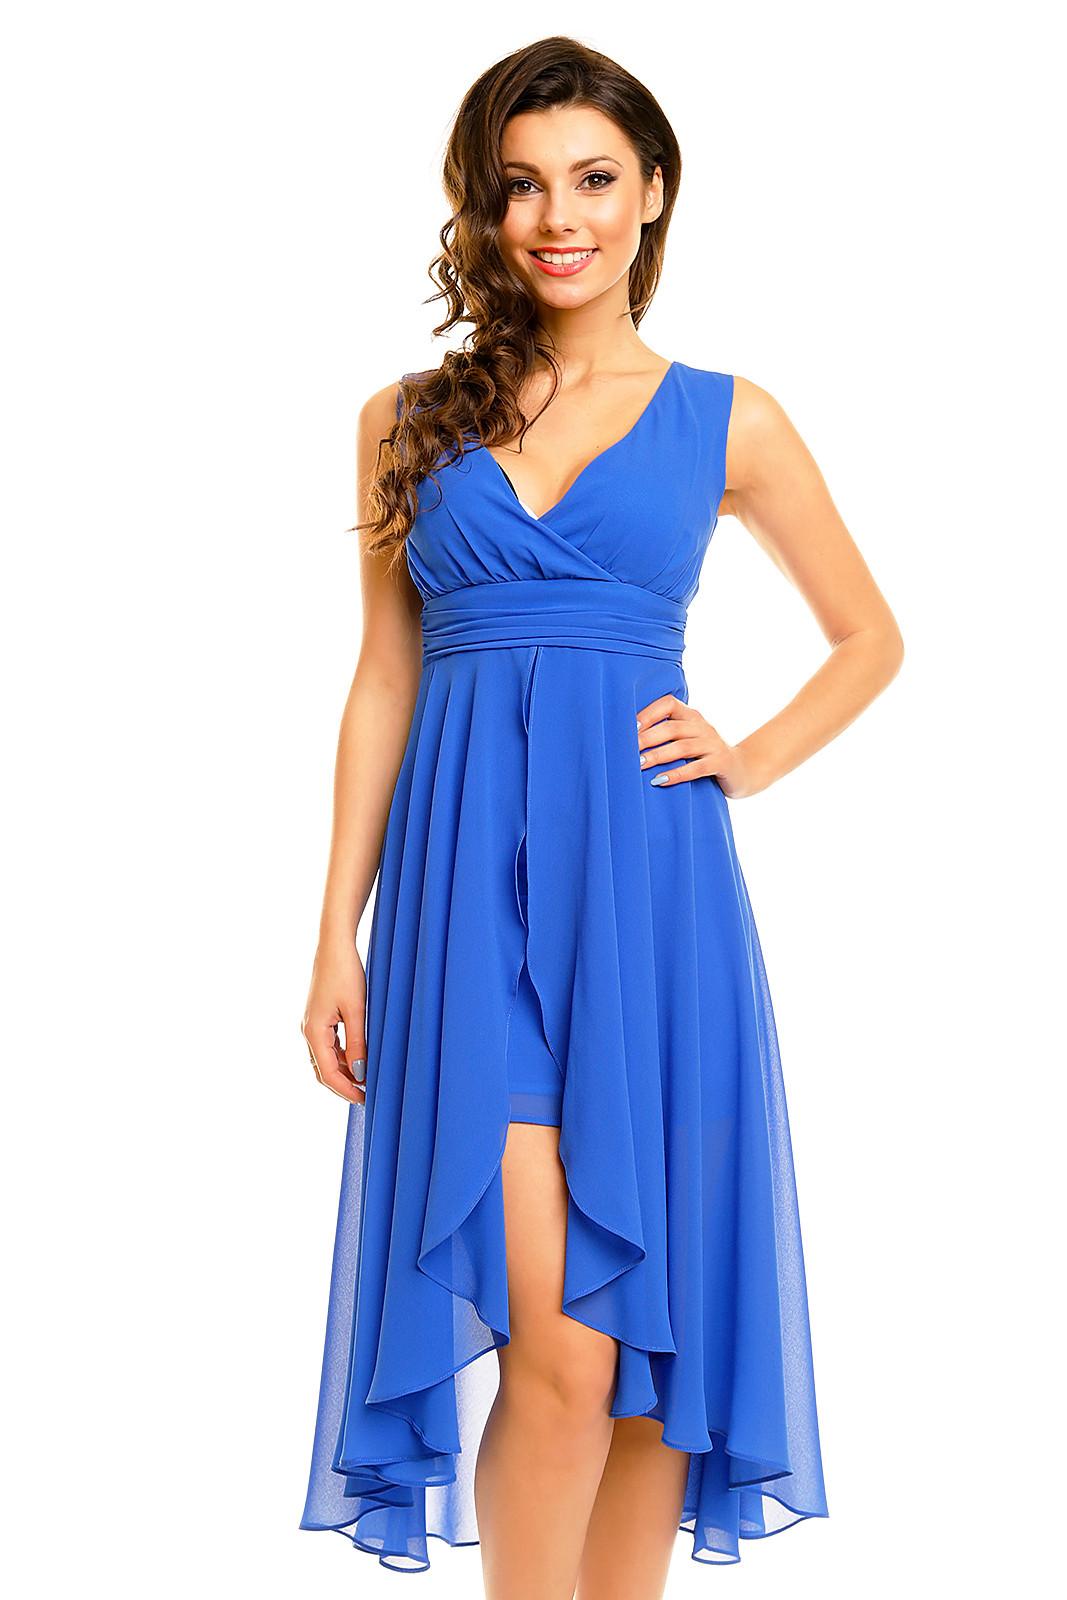 Dámské společenské šaty MAYAADI HS-256-BL - Modré S